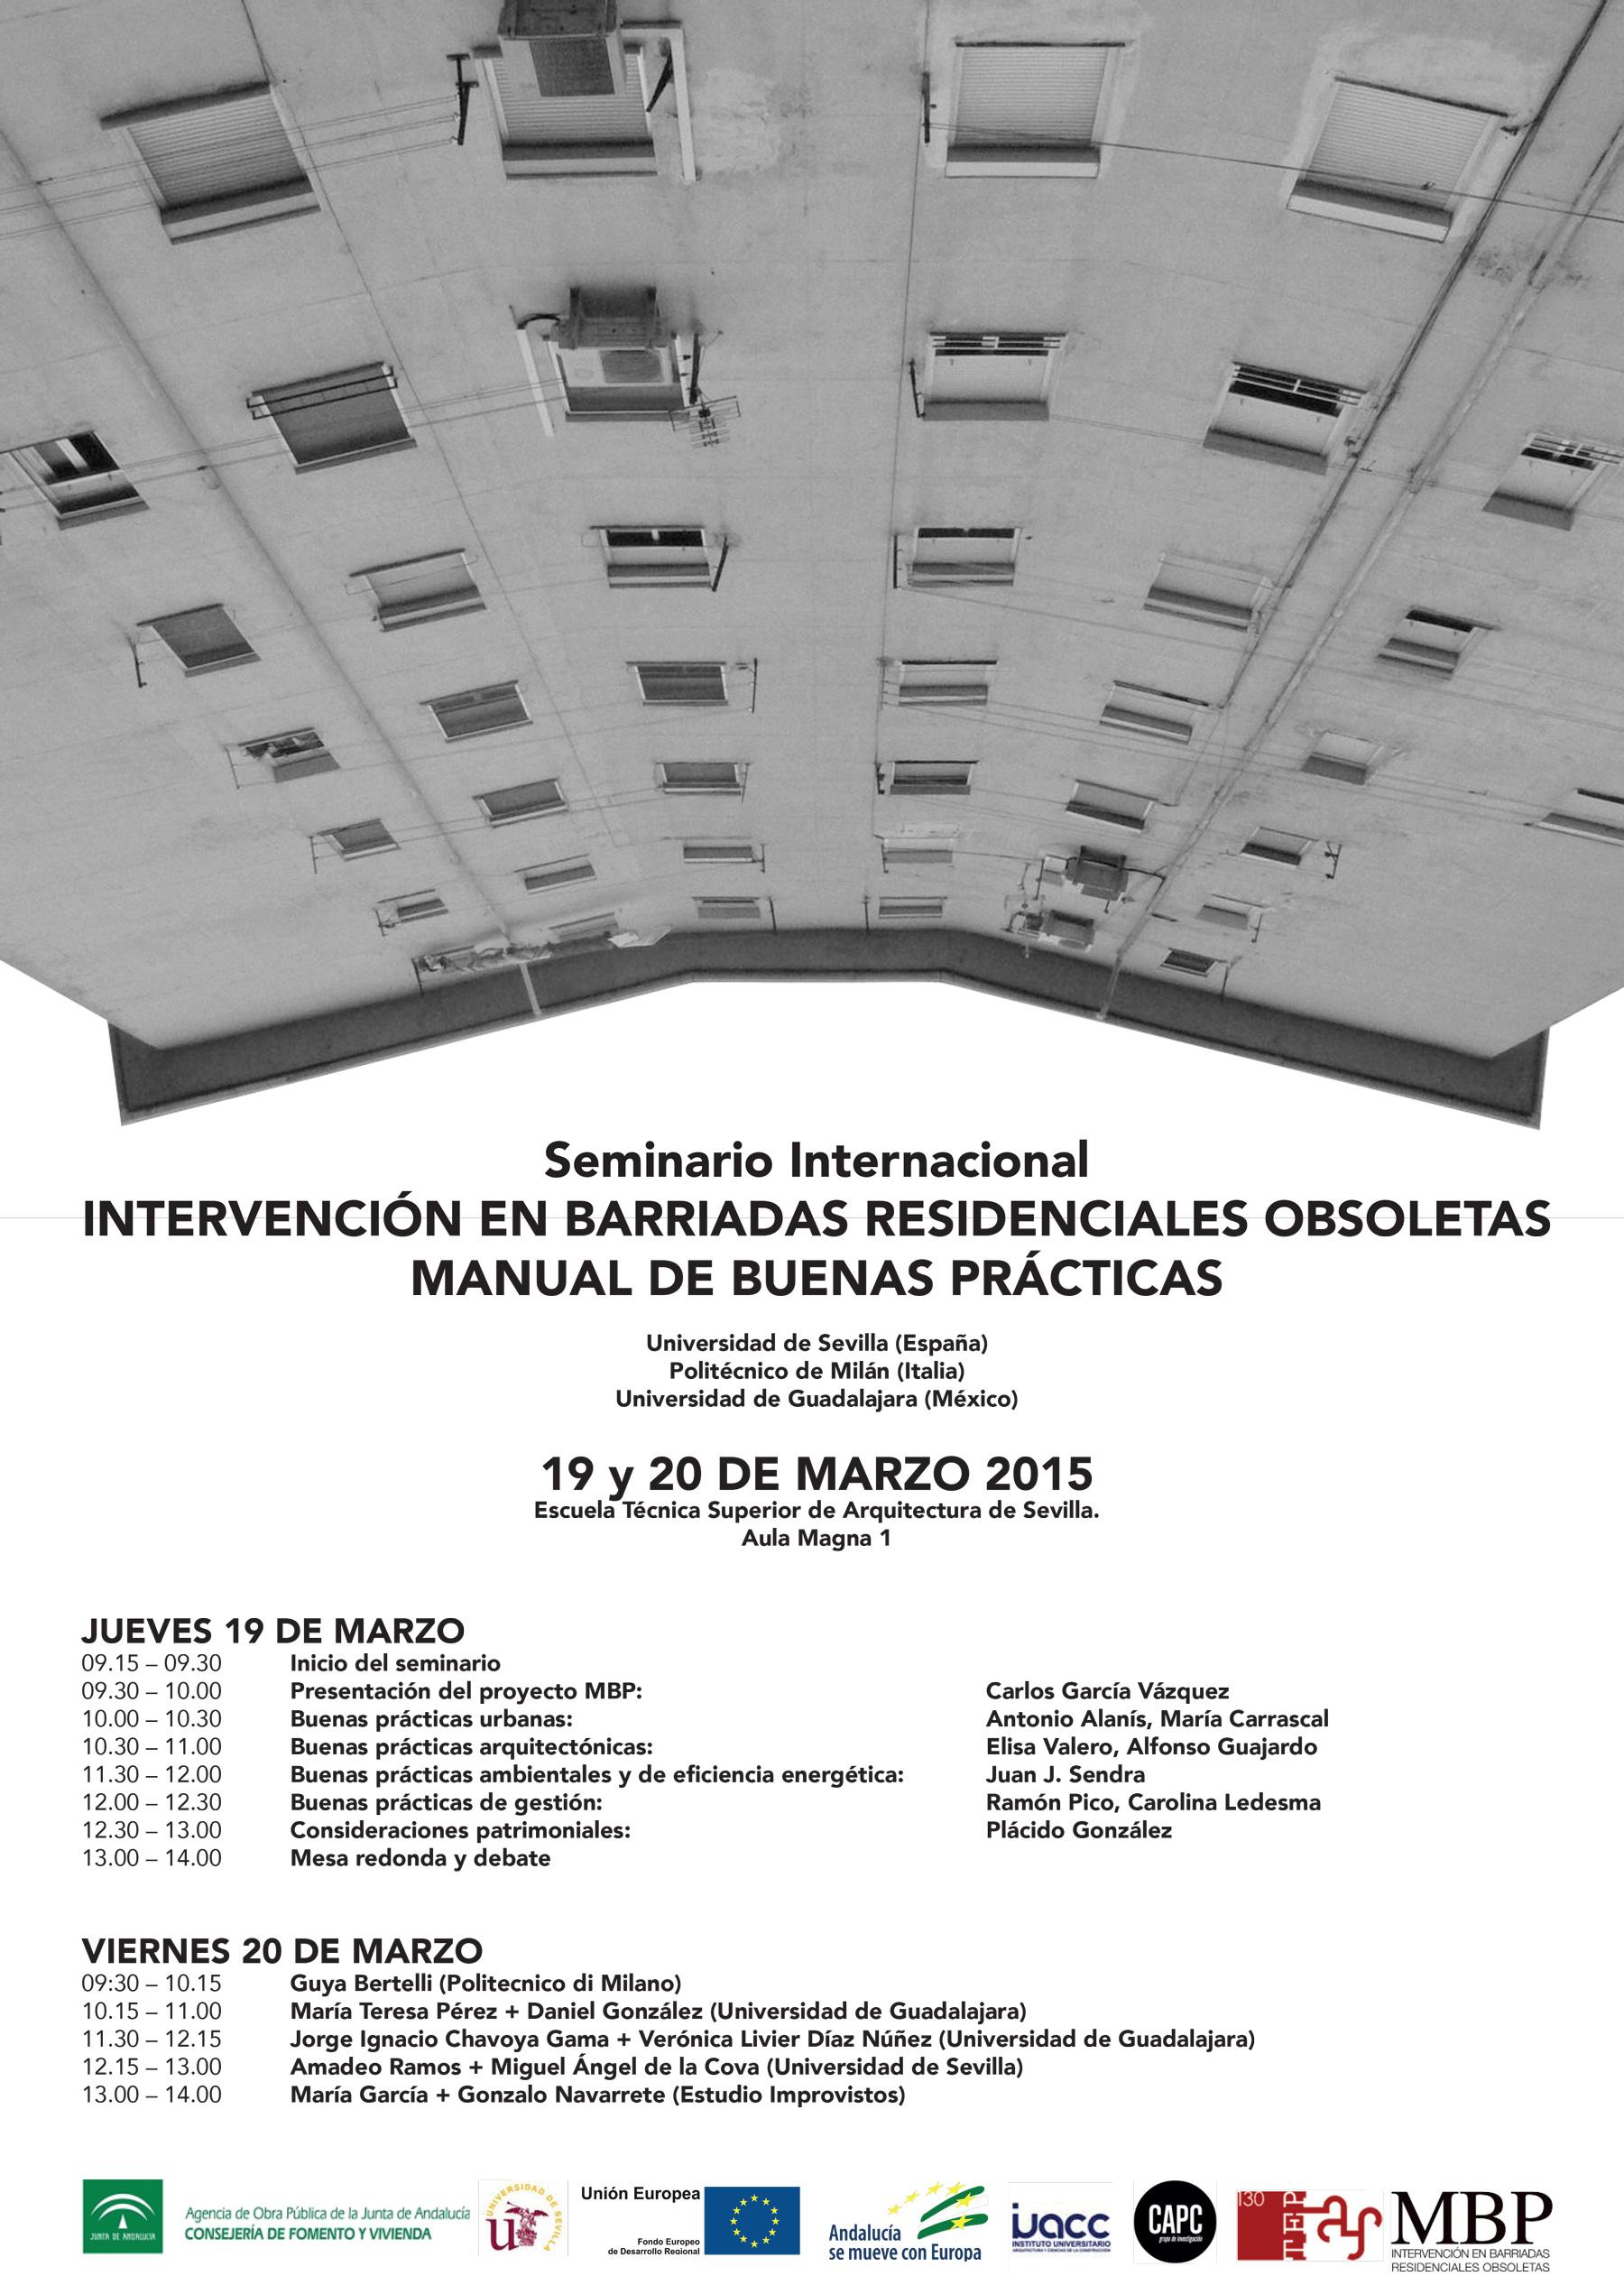 Resumen intervenci n en barriadas residenciales obsoletas andalucia transversal blog - Escuela tecnica superior de arquitectura sevilla ...